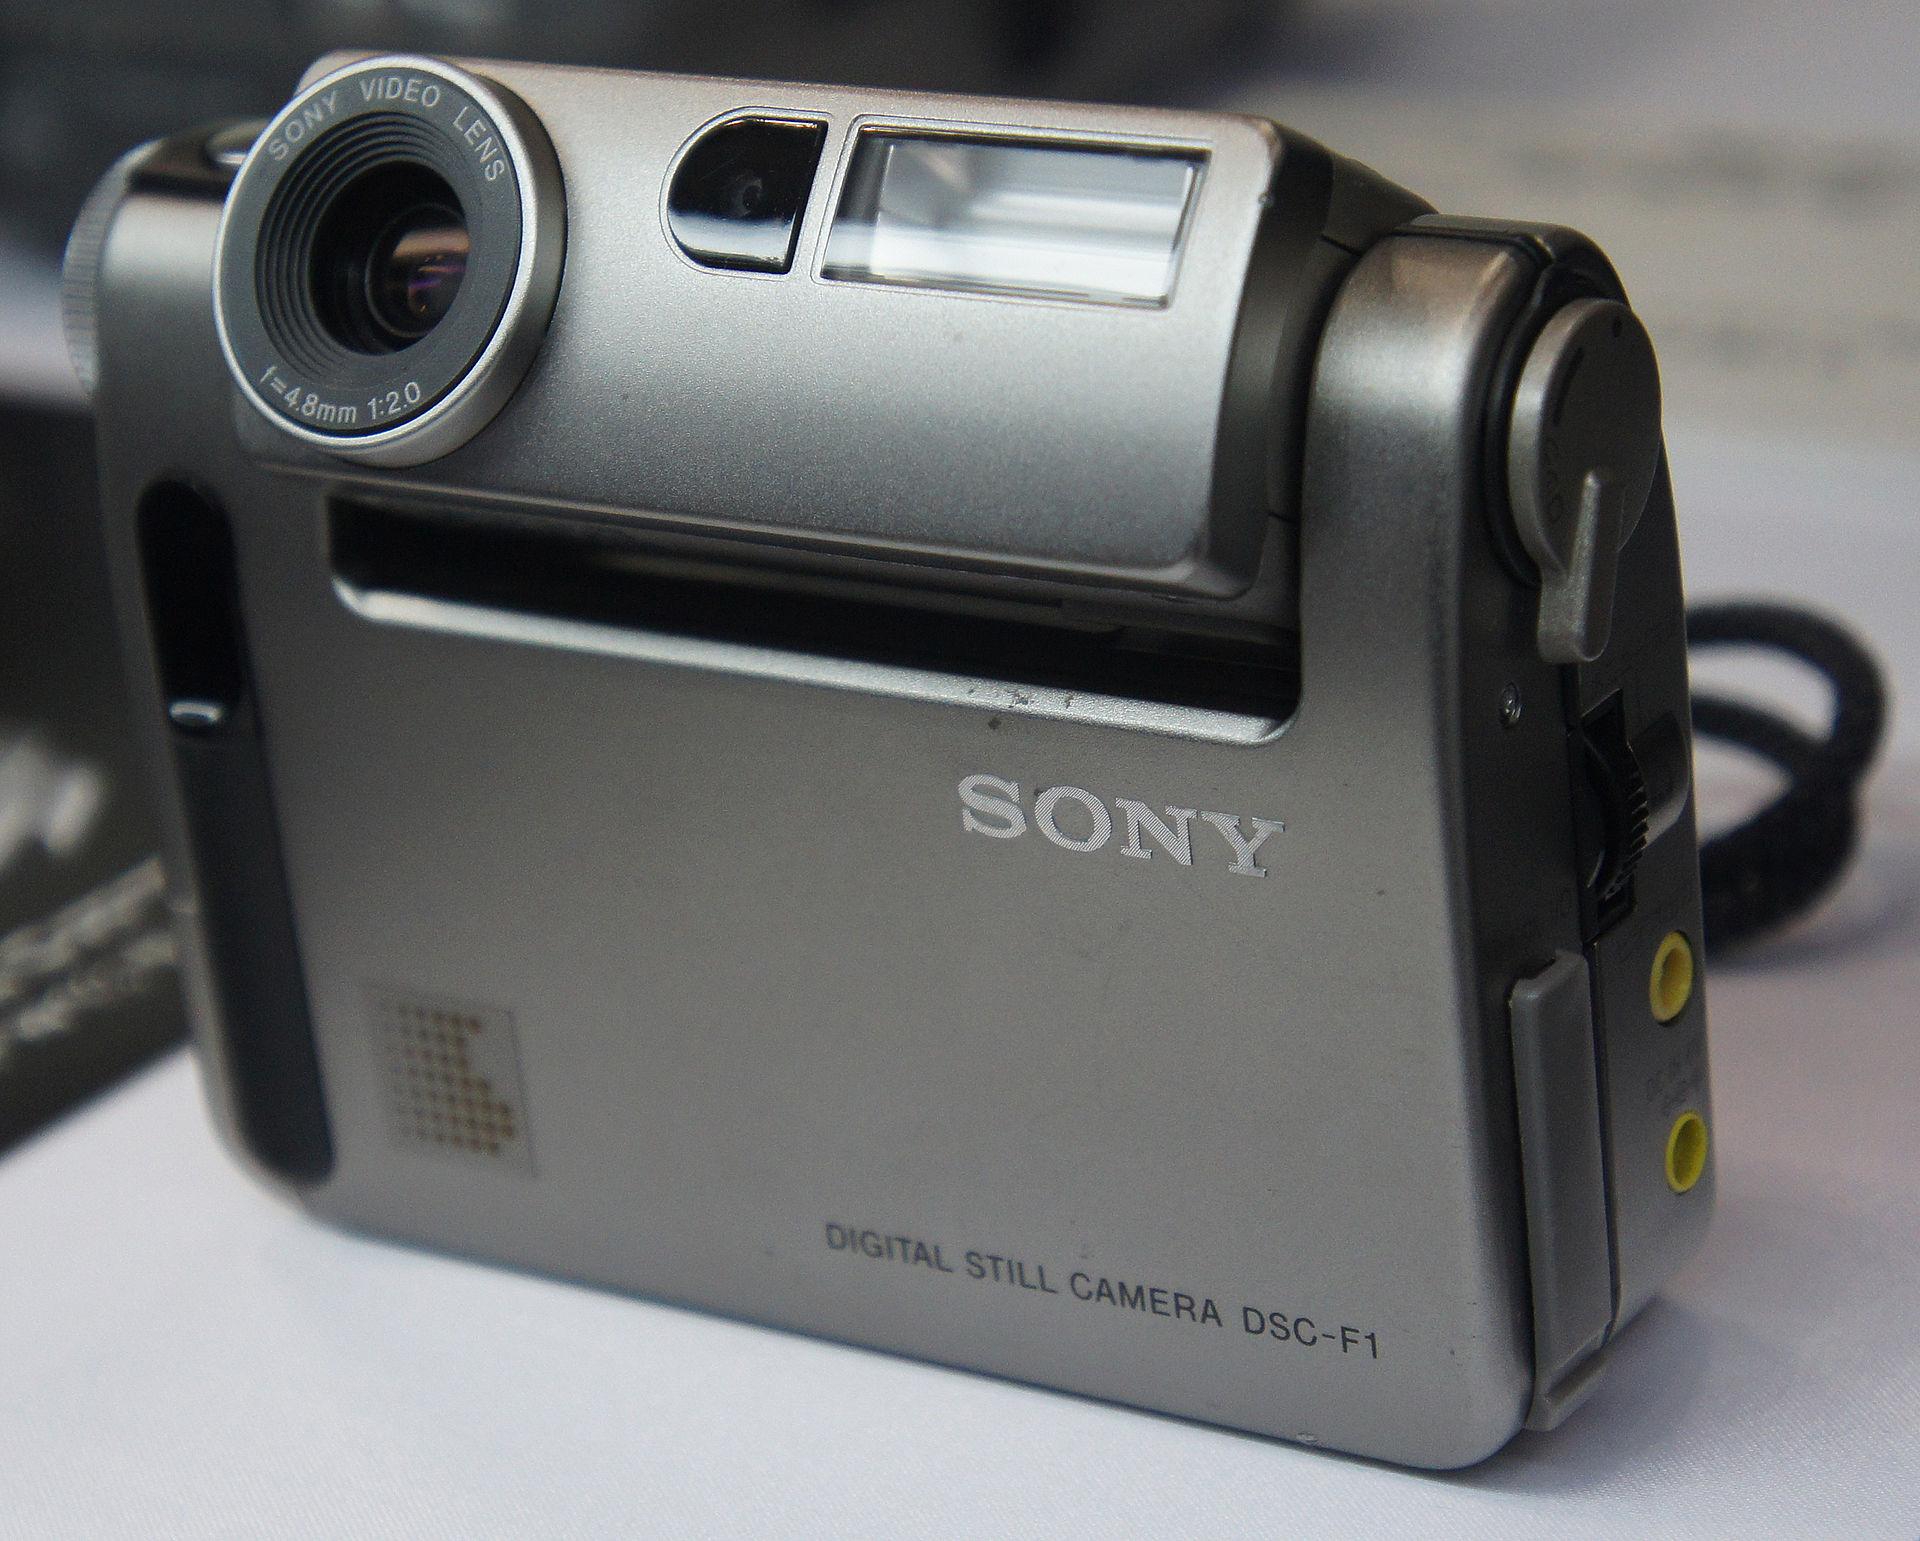 Sony Cyber-shot DSC-F1